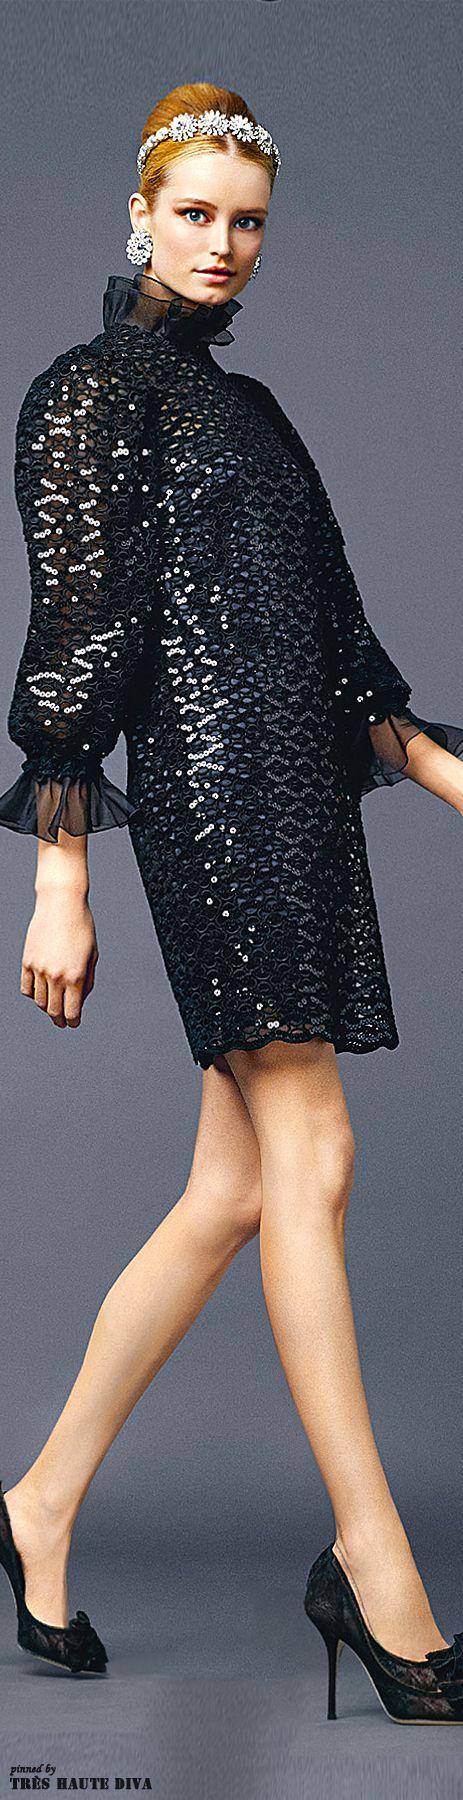 Dolce Gabbana Spring/Summer 2014 Q